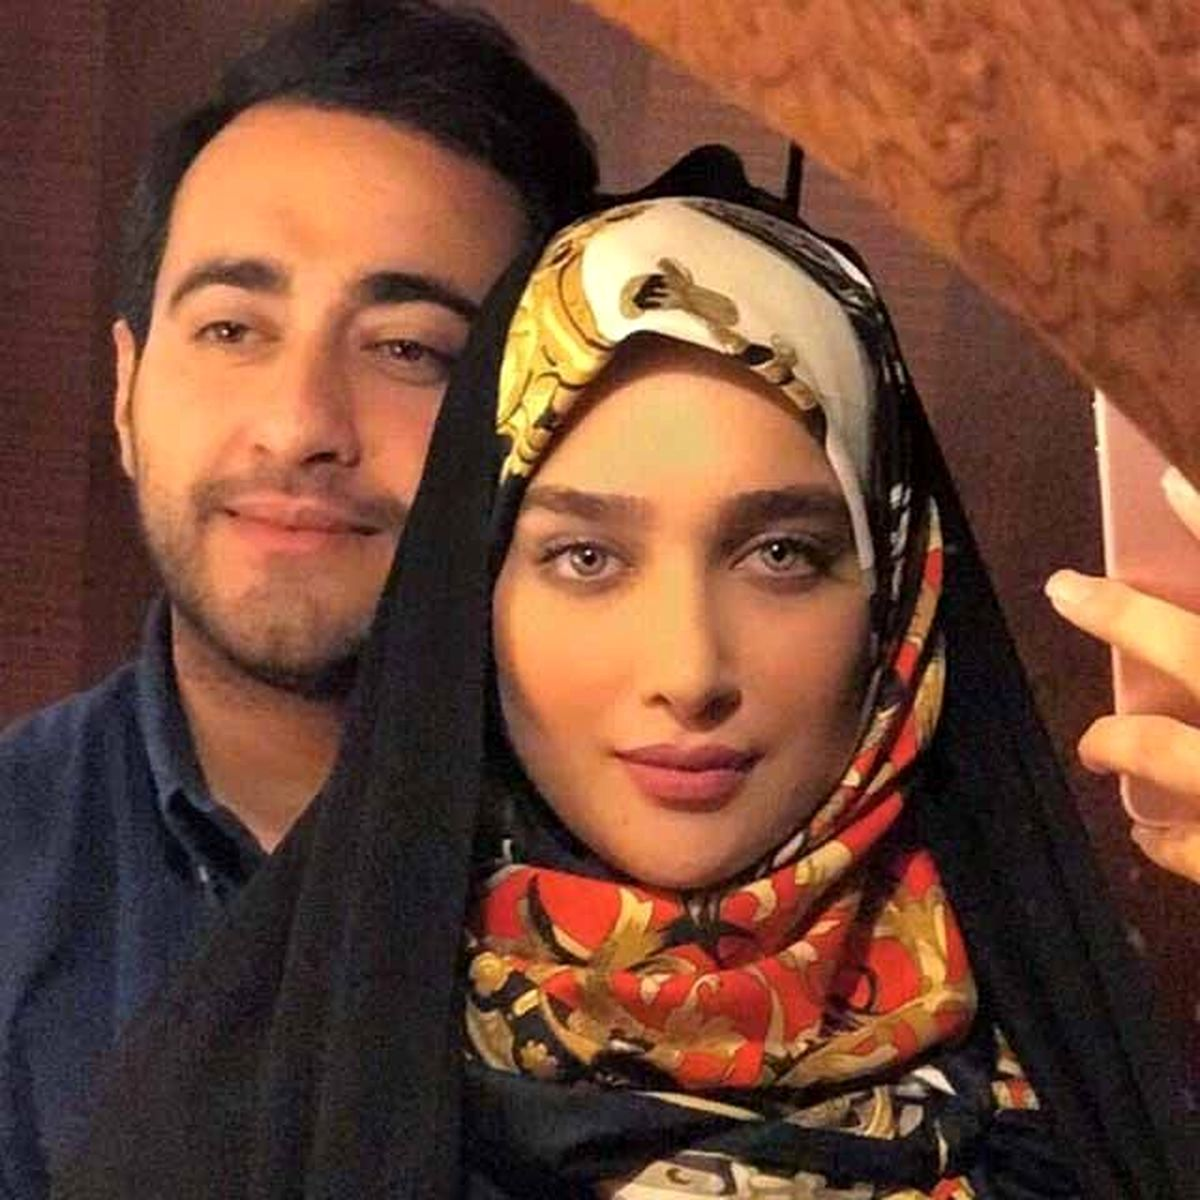 واکنش جنجالی آناشید حسینی عروس سفیر به خبر طلاقش + عکس